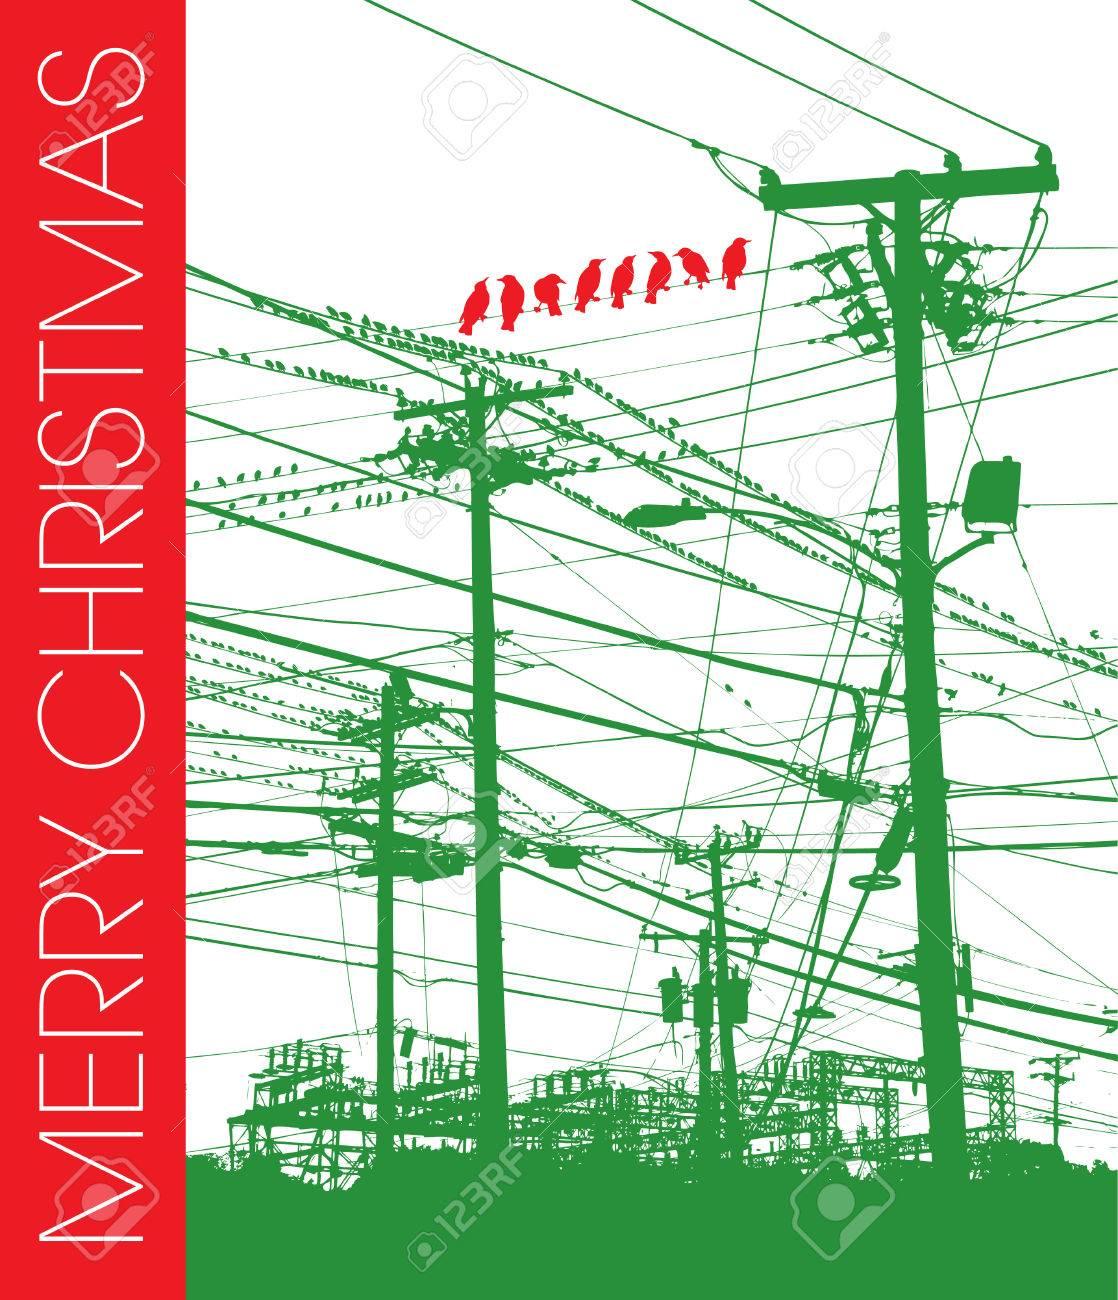 Acht Red Vögel Auf Eine Grüne Telefon-Draht-Hintergrund Mit Merry ...